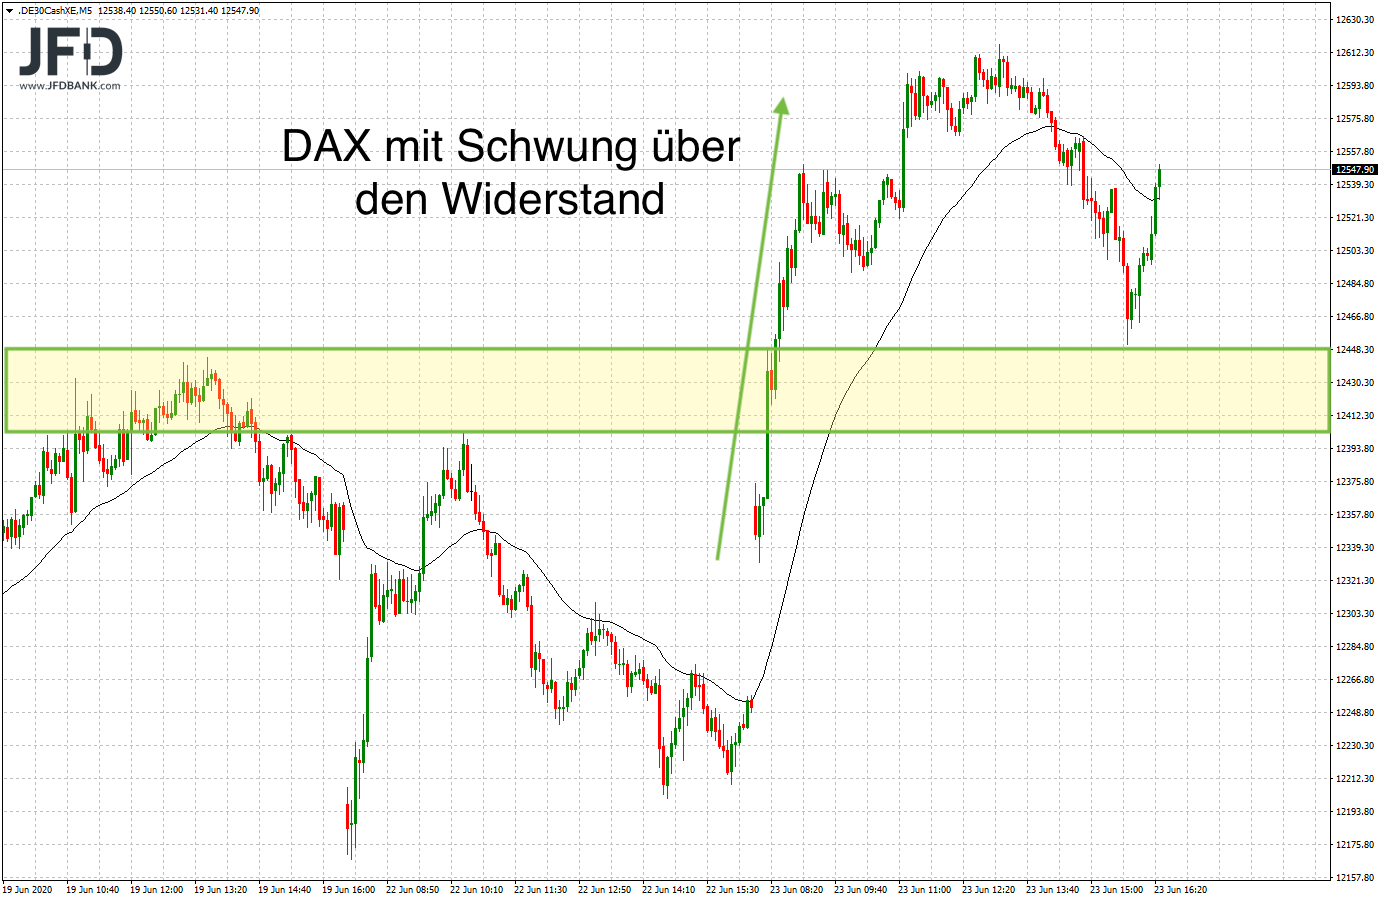 DAX-Schwung am Dienstag